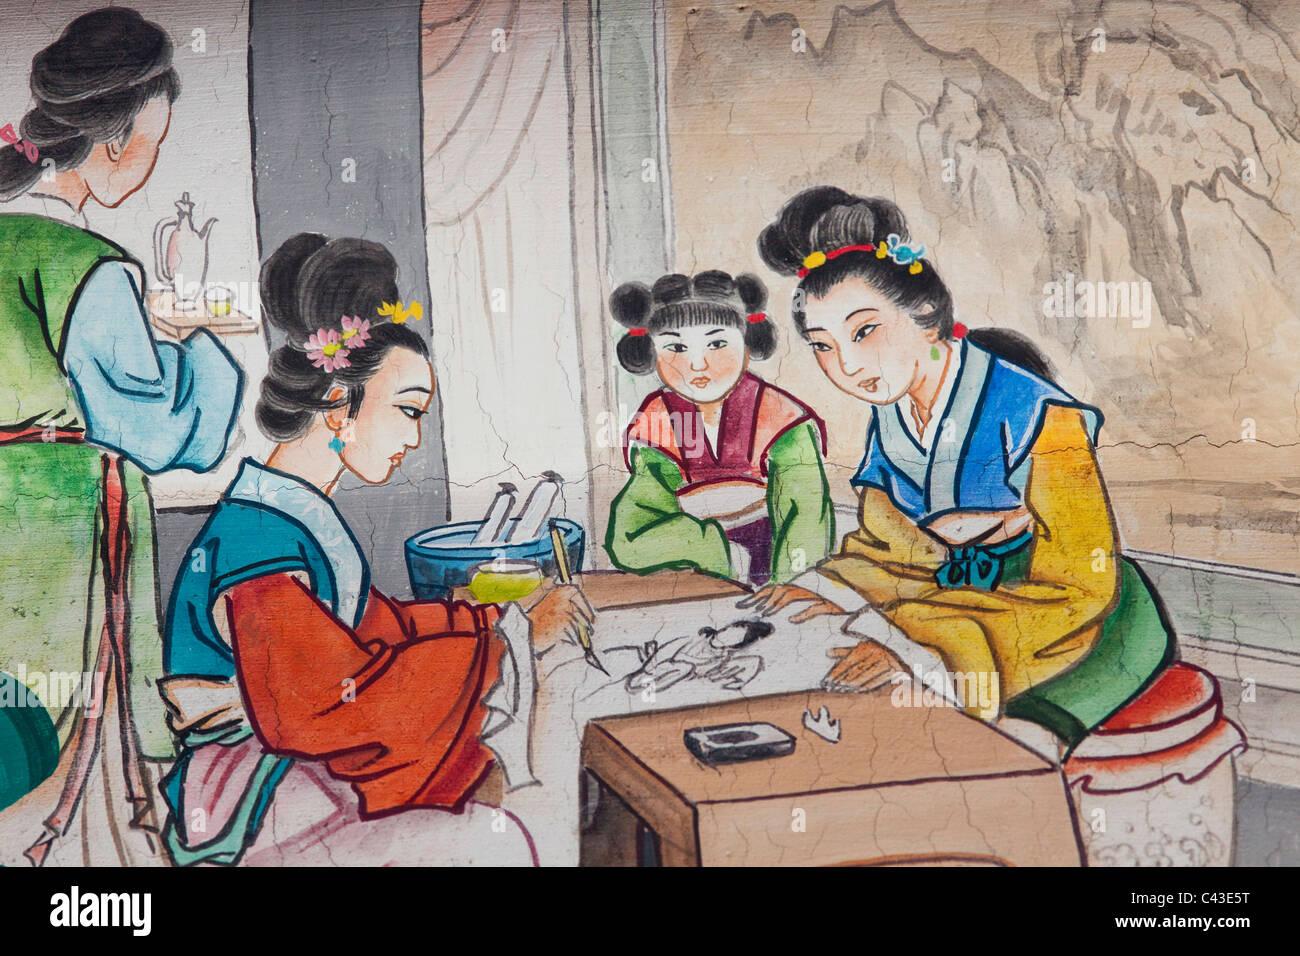 Asien China Peking Sommerpalast Yiheyuan Buddhistische Duft Pavillon Malerei Wandmalerei Kunst Chinesische Kunst Manchu Dy Stockfotografie Alamy